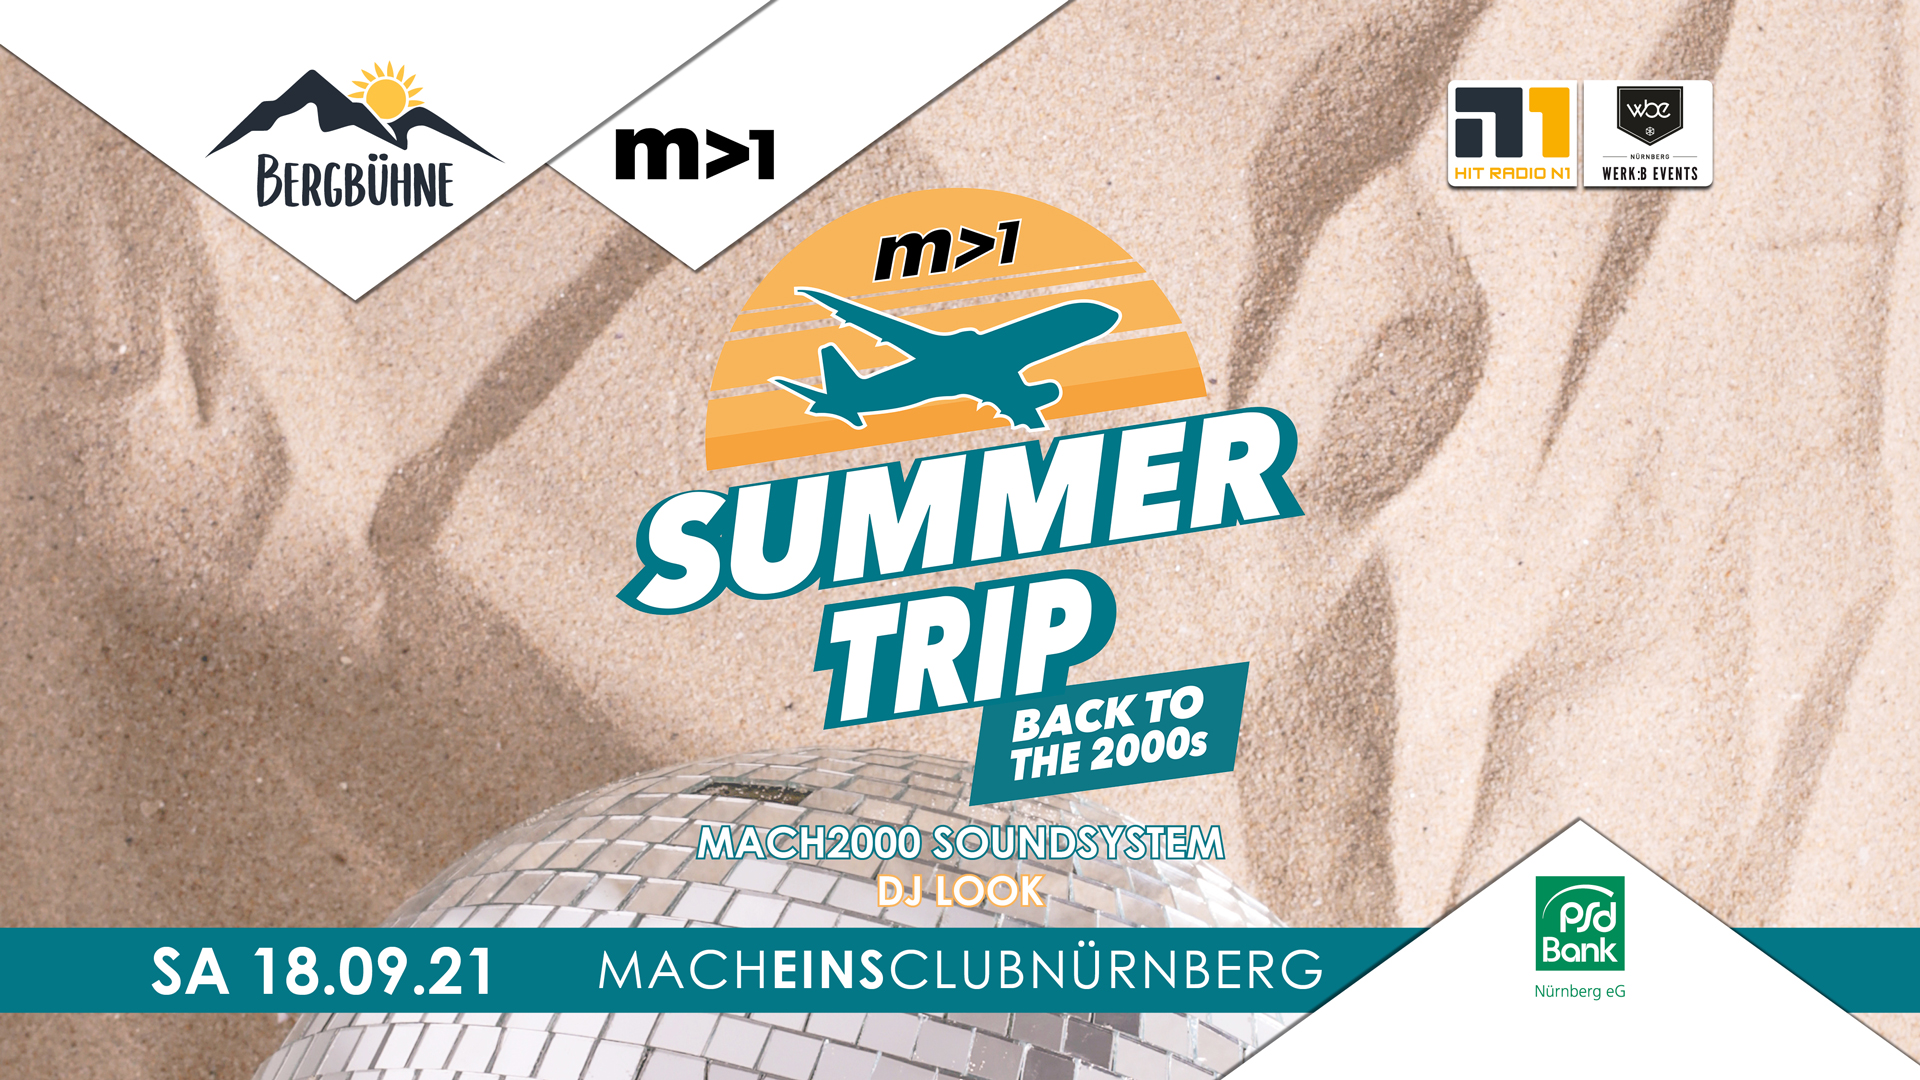 Mach1 Summer Trip